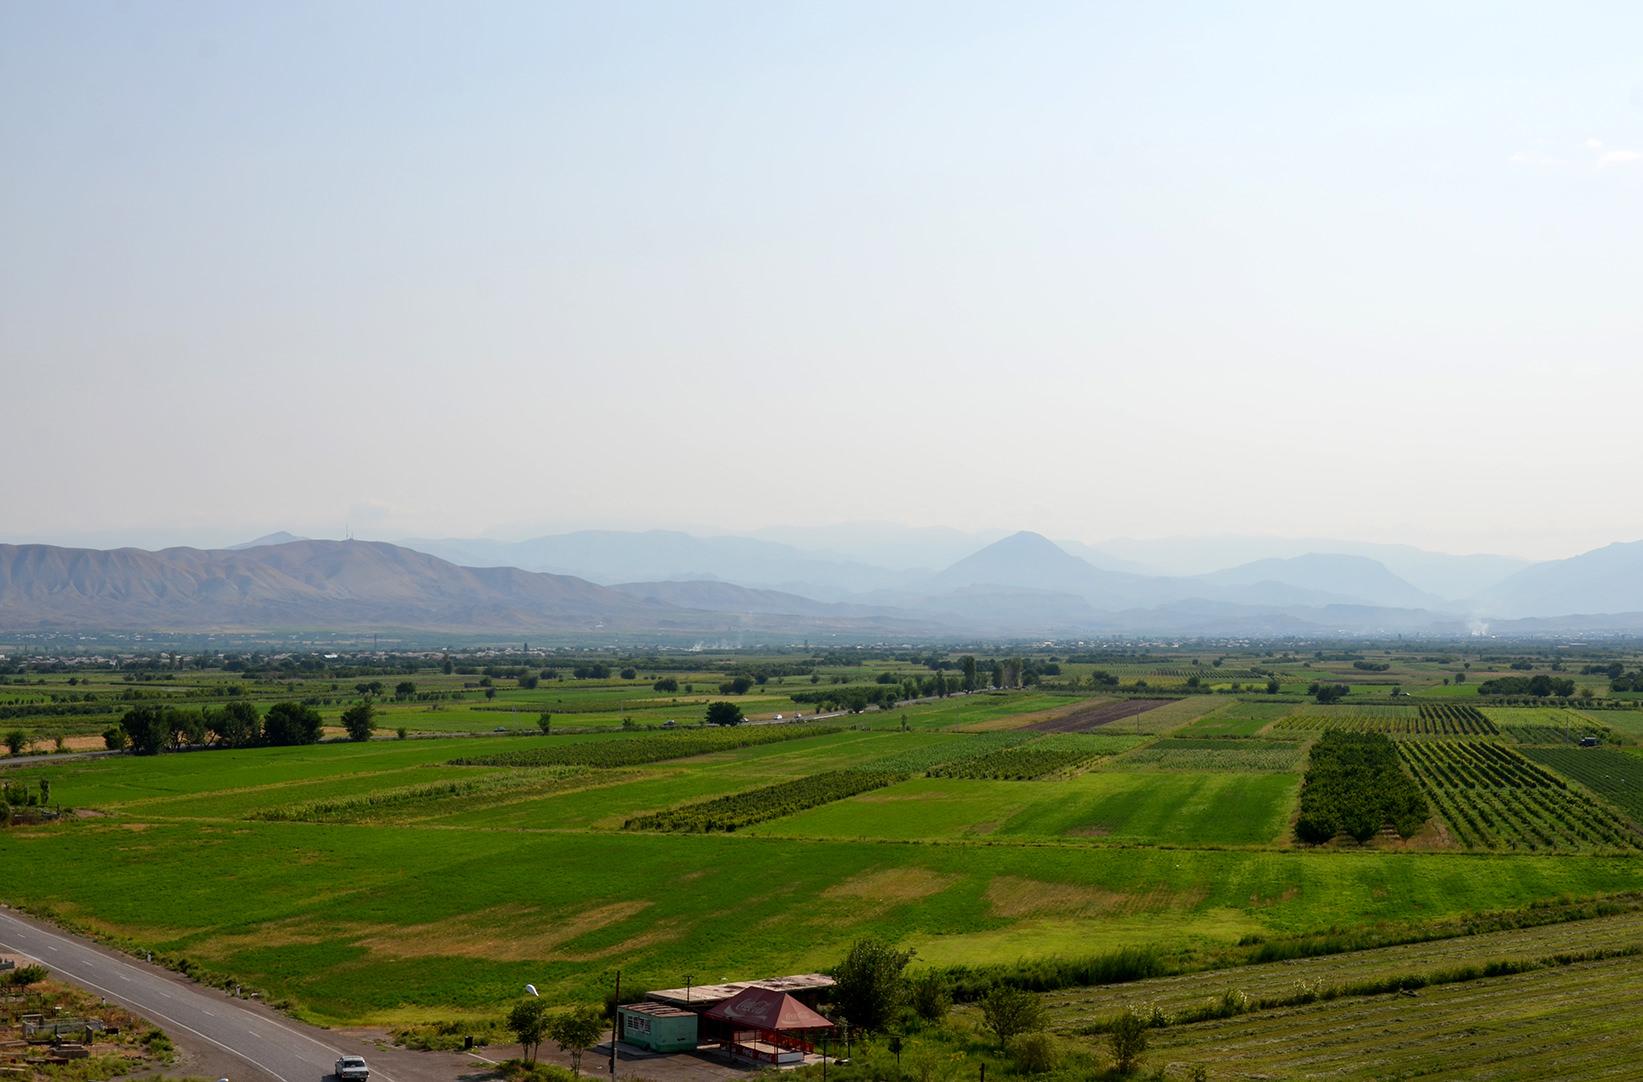 Араратская долина, Армения